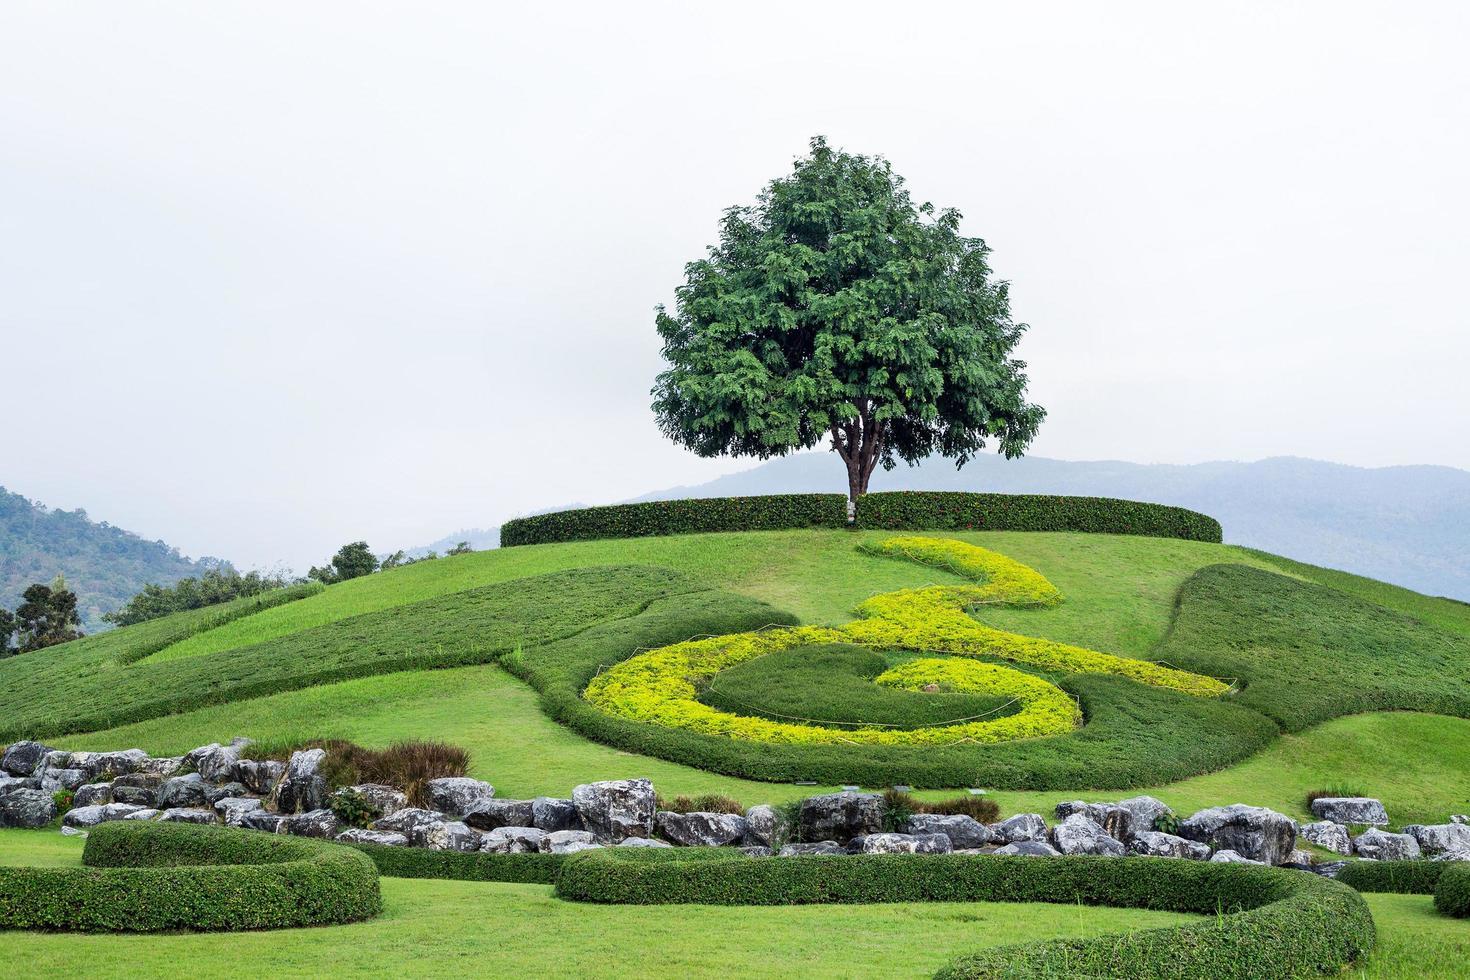 bellissimo giardino in armonia con la natura. foto